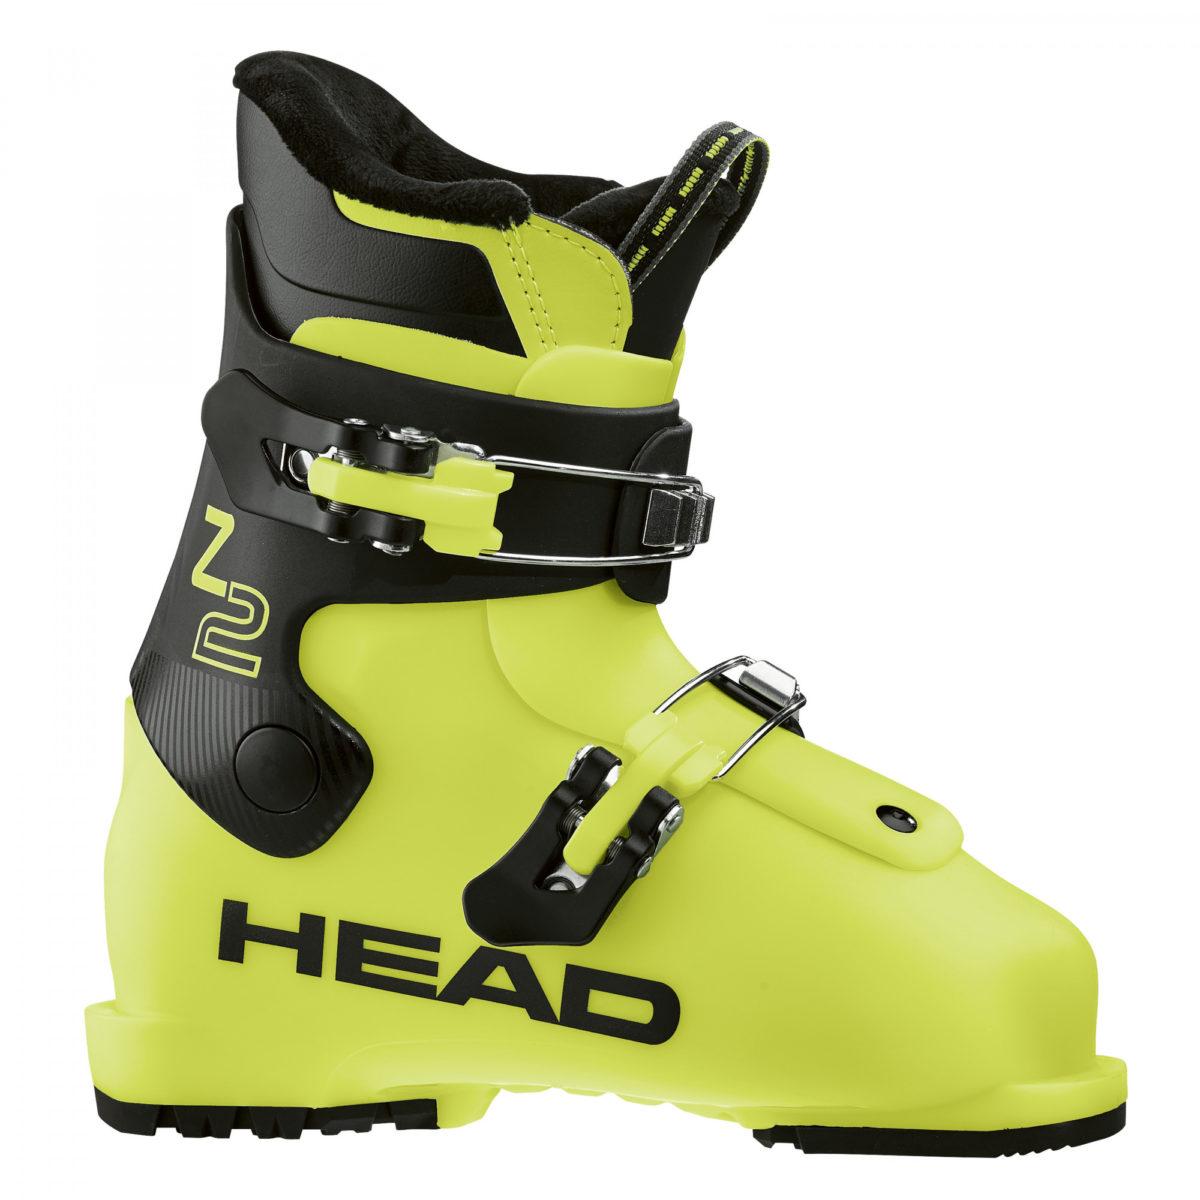 HEAD Z2 Ботинки горнолыжные детские 609566 - 1